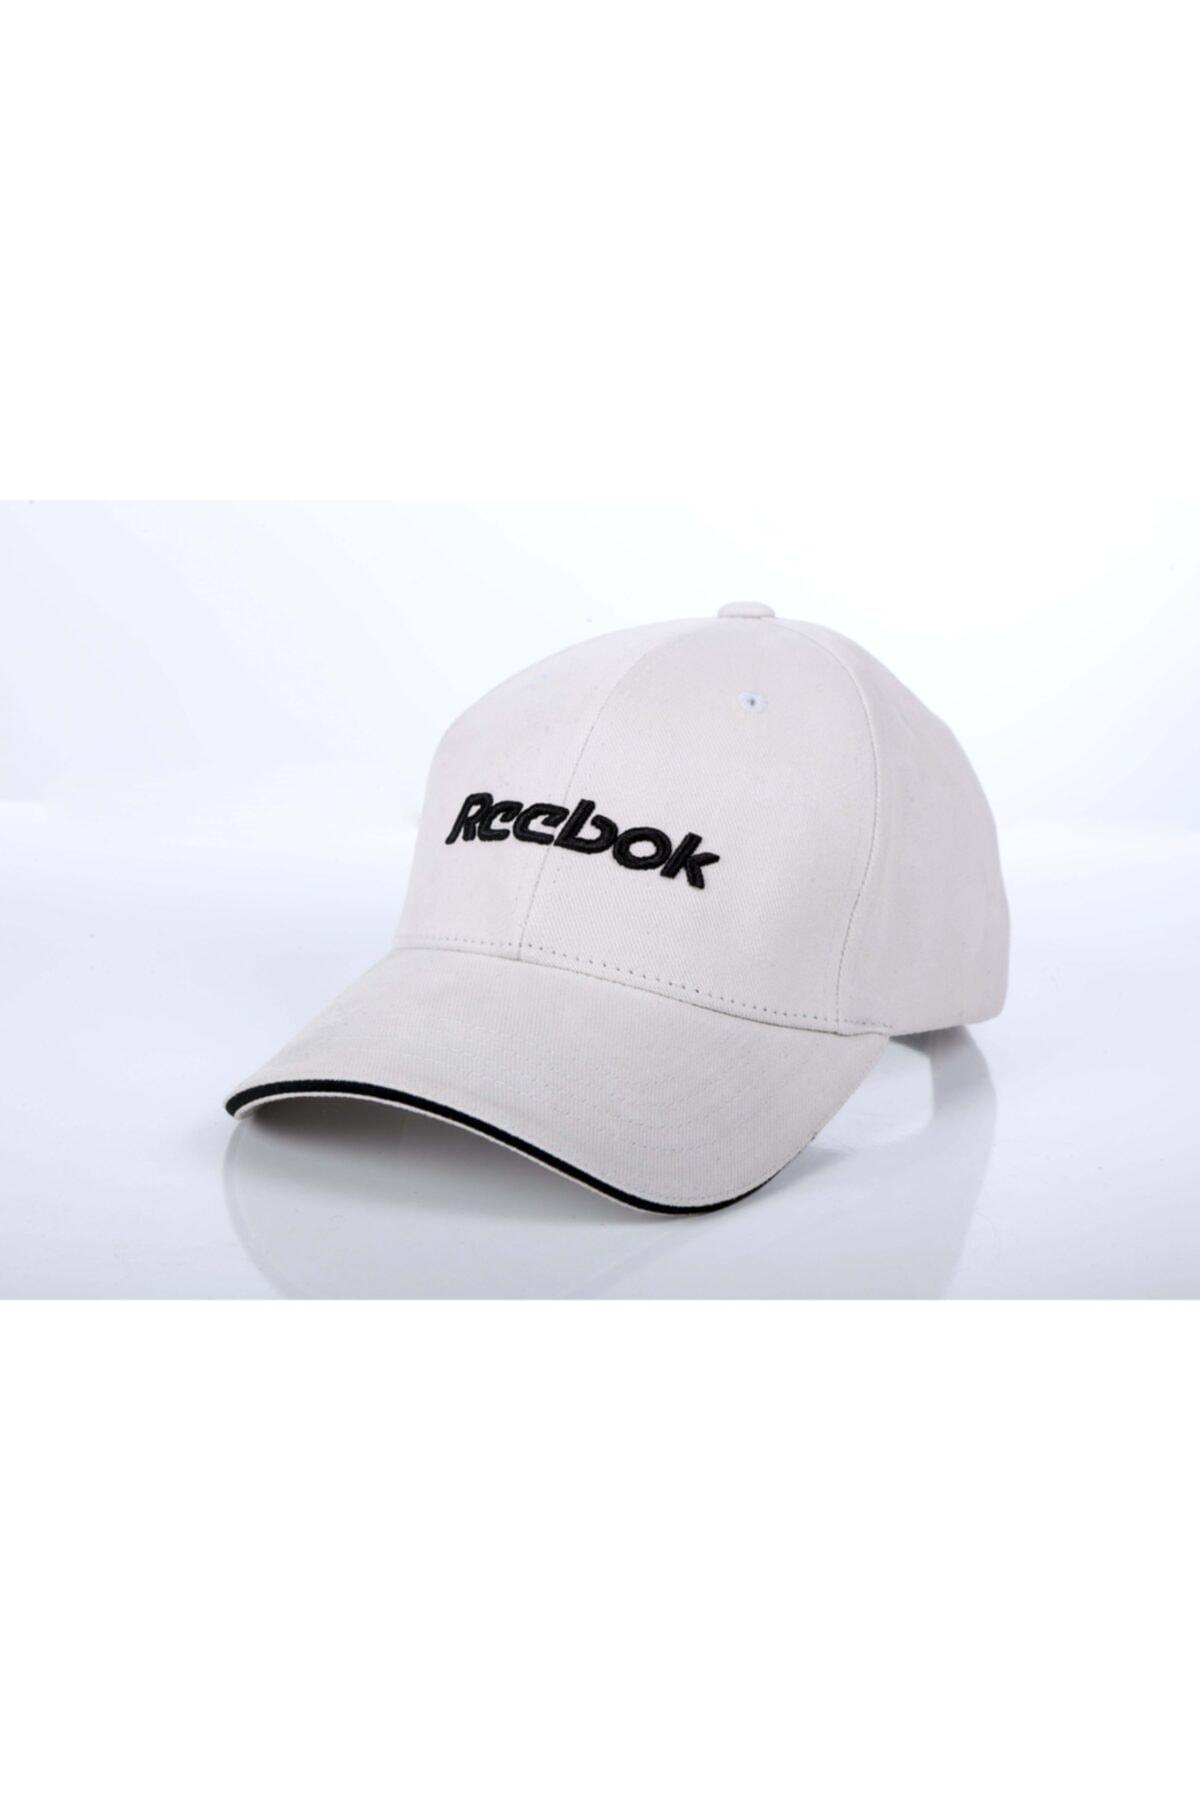 خرید نقدی کلاه زنانه فروشگاه اینترنتی برند ریبوک کد ty89637057